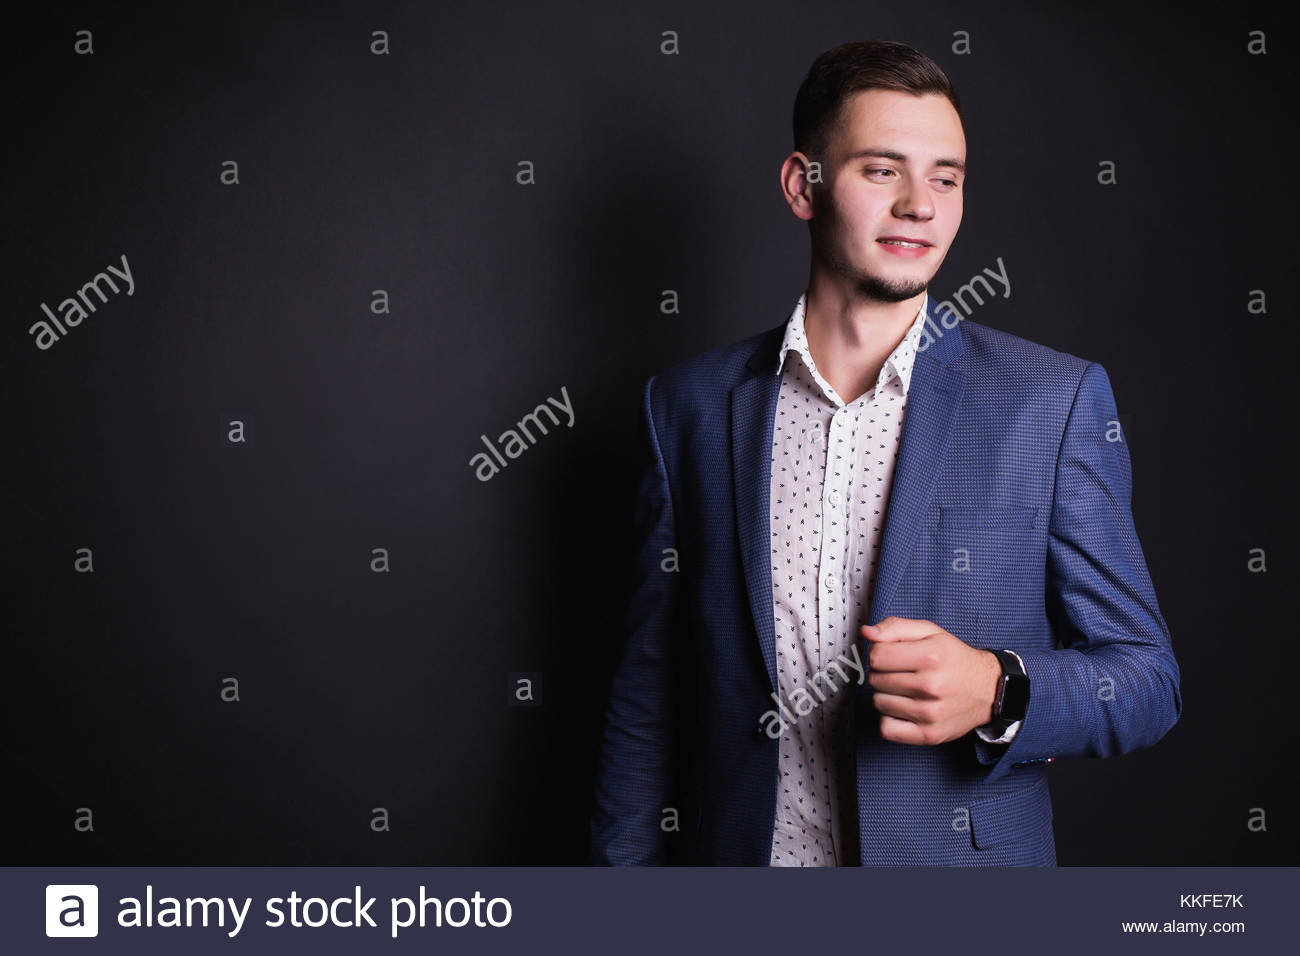 Joven empresario exitoso en traje y camisa blanca y elegante reloj en mano  sobre un fondo negro. El hombre elegante. Profesiones para hombres 84c7596aefb